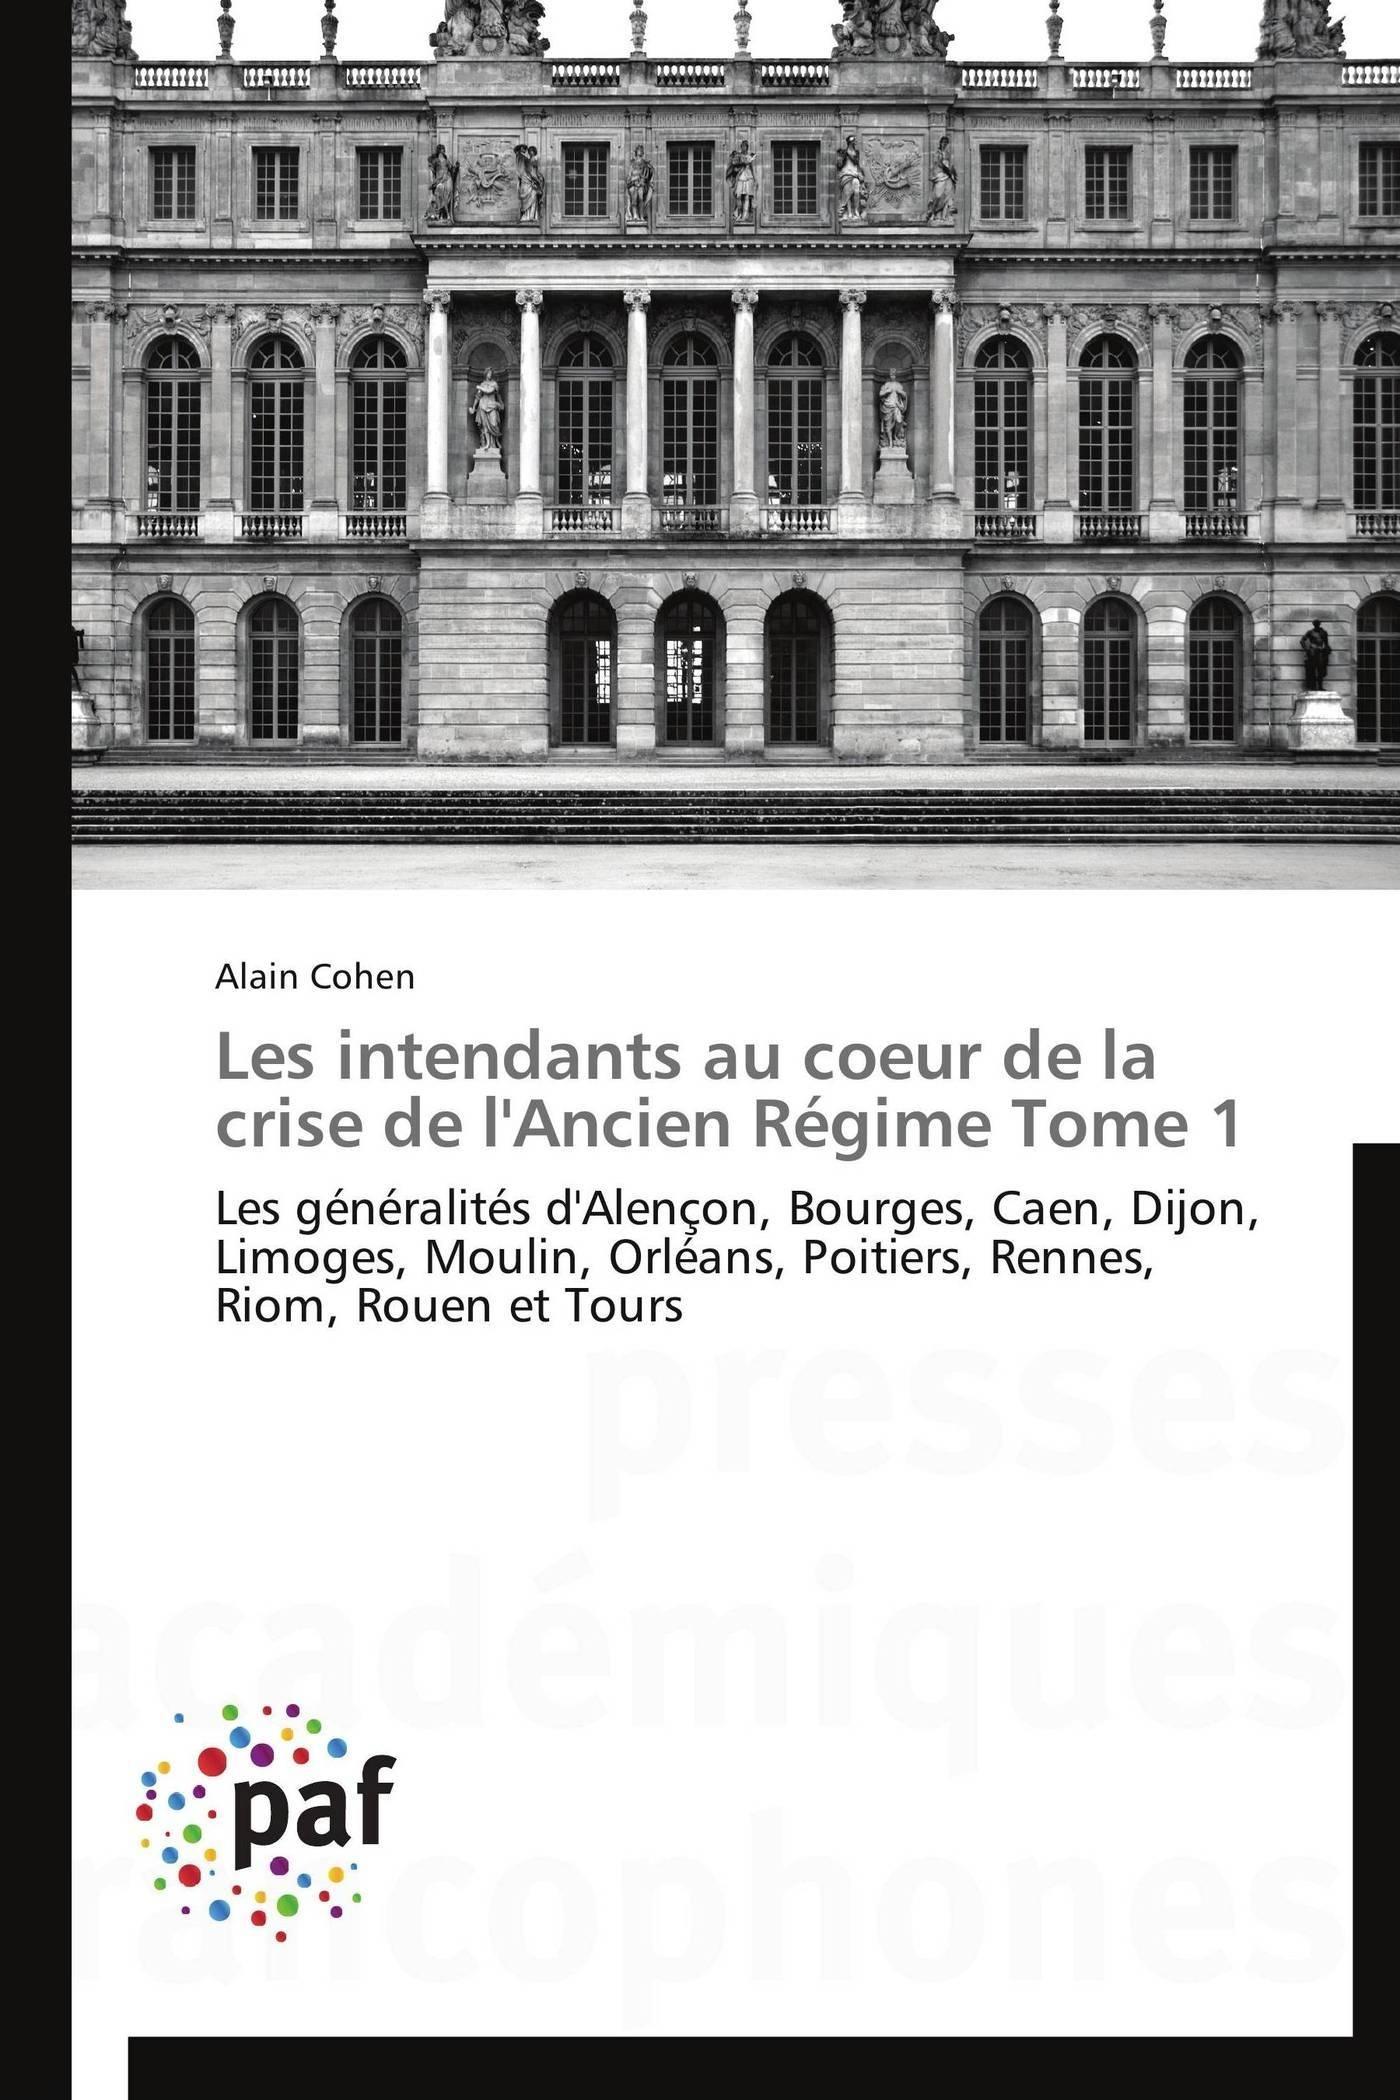 LES INTENDANTS AU COEUR DE LA CRISE DE L'ANCIEN REGIME TOME 1